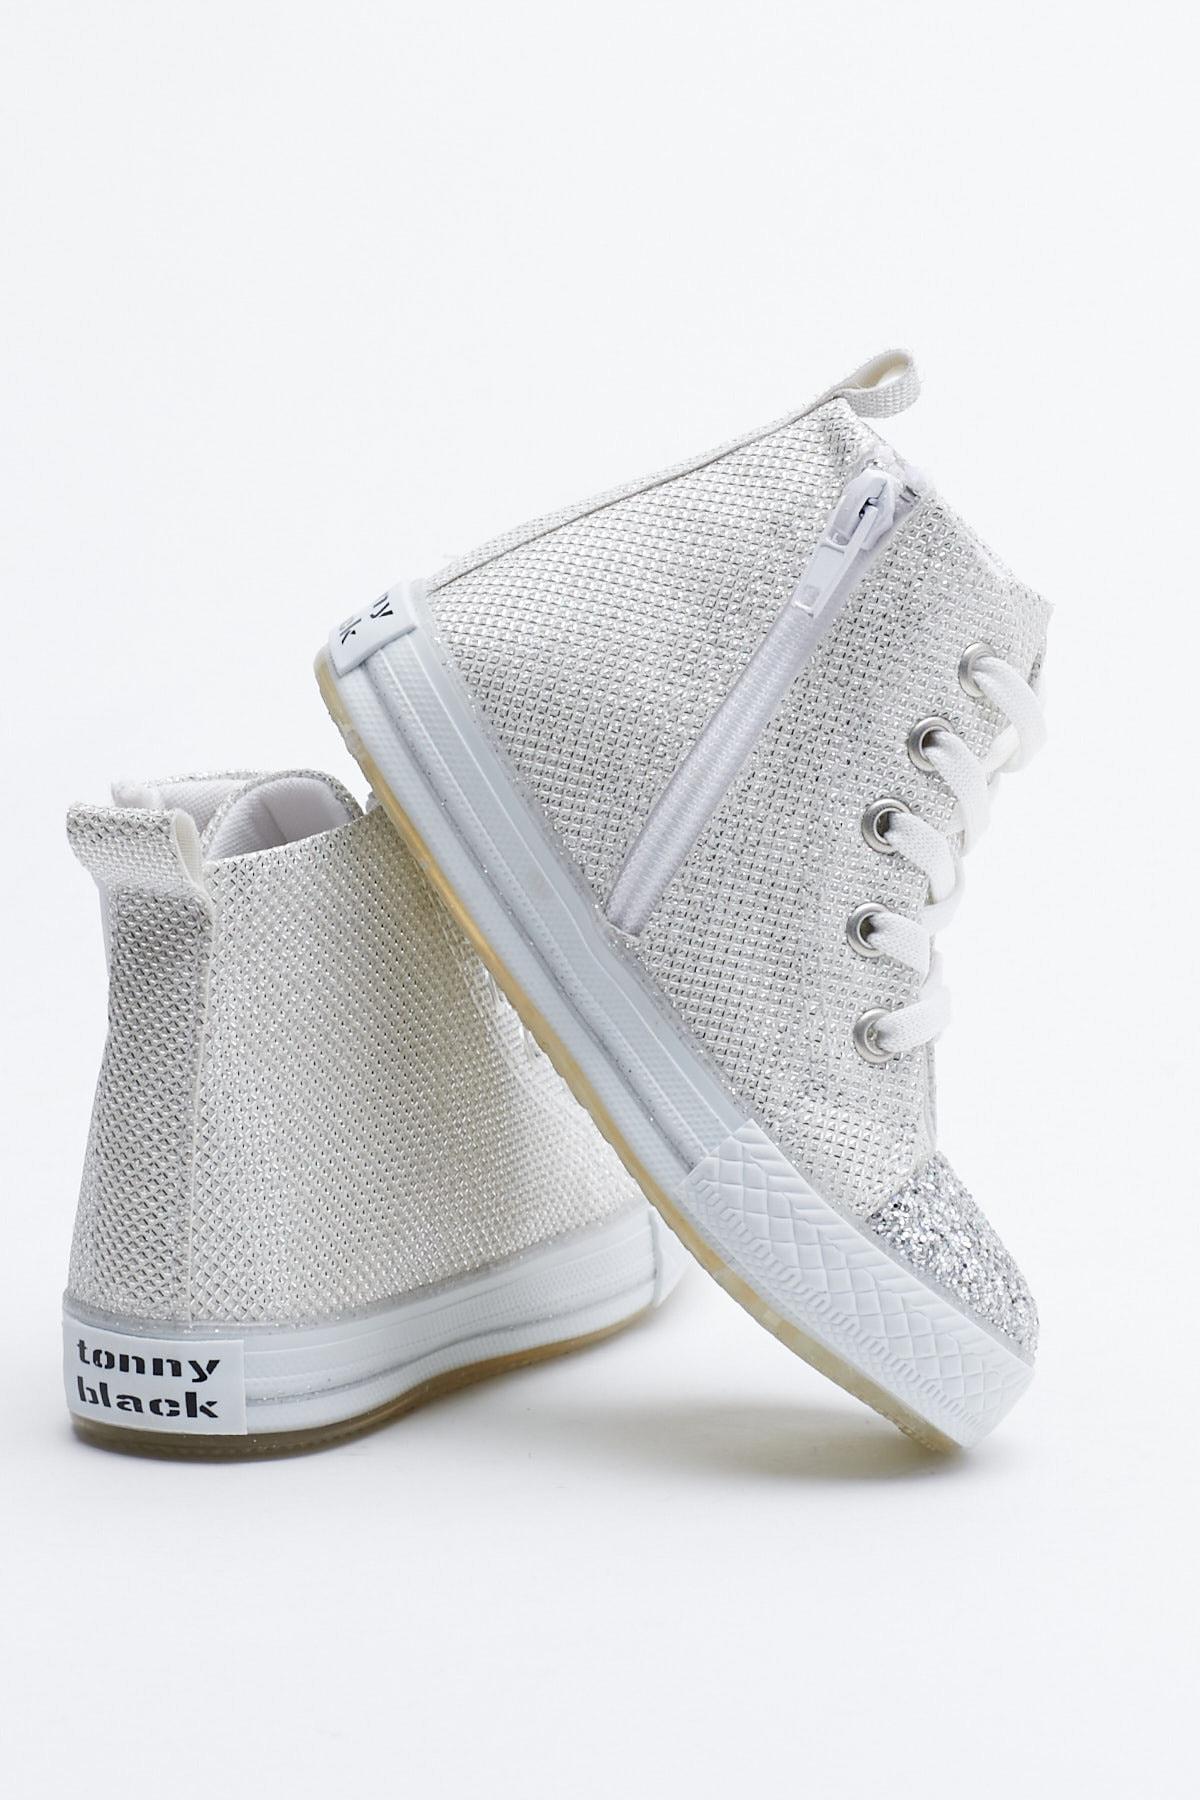 Tonny Black Buz Çocuk Spor Ayakkabı Uzun Tb999 3